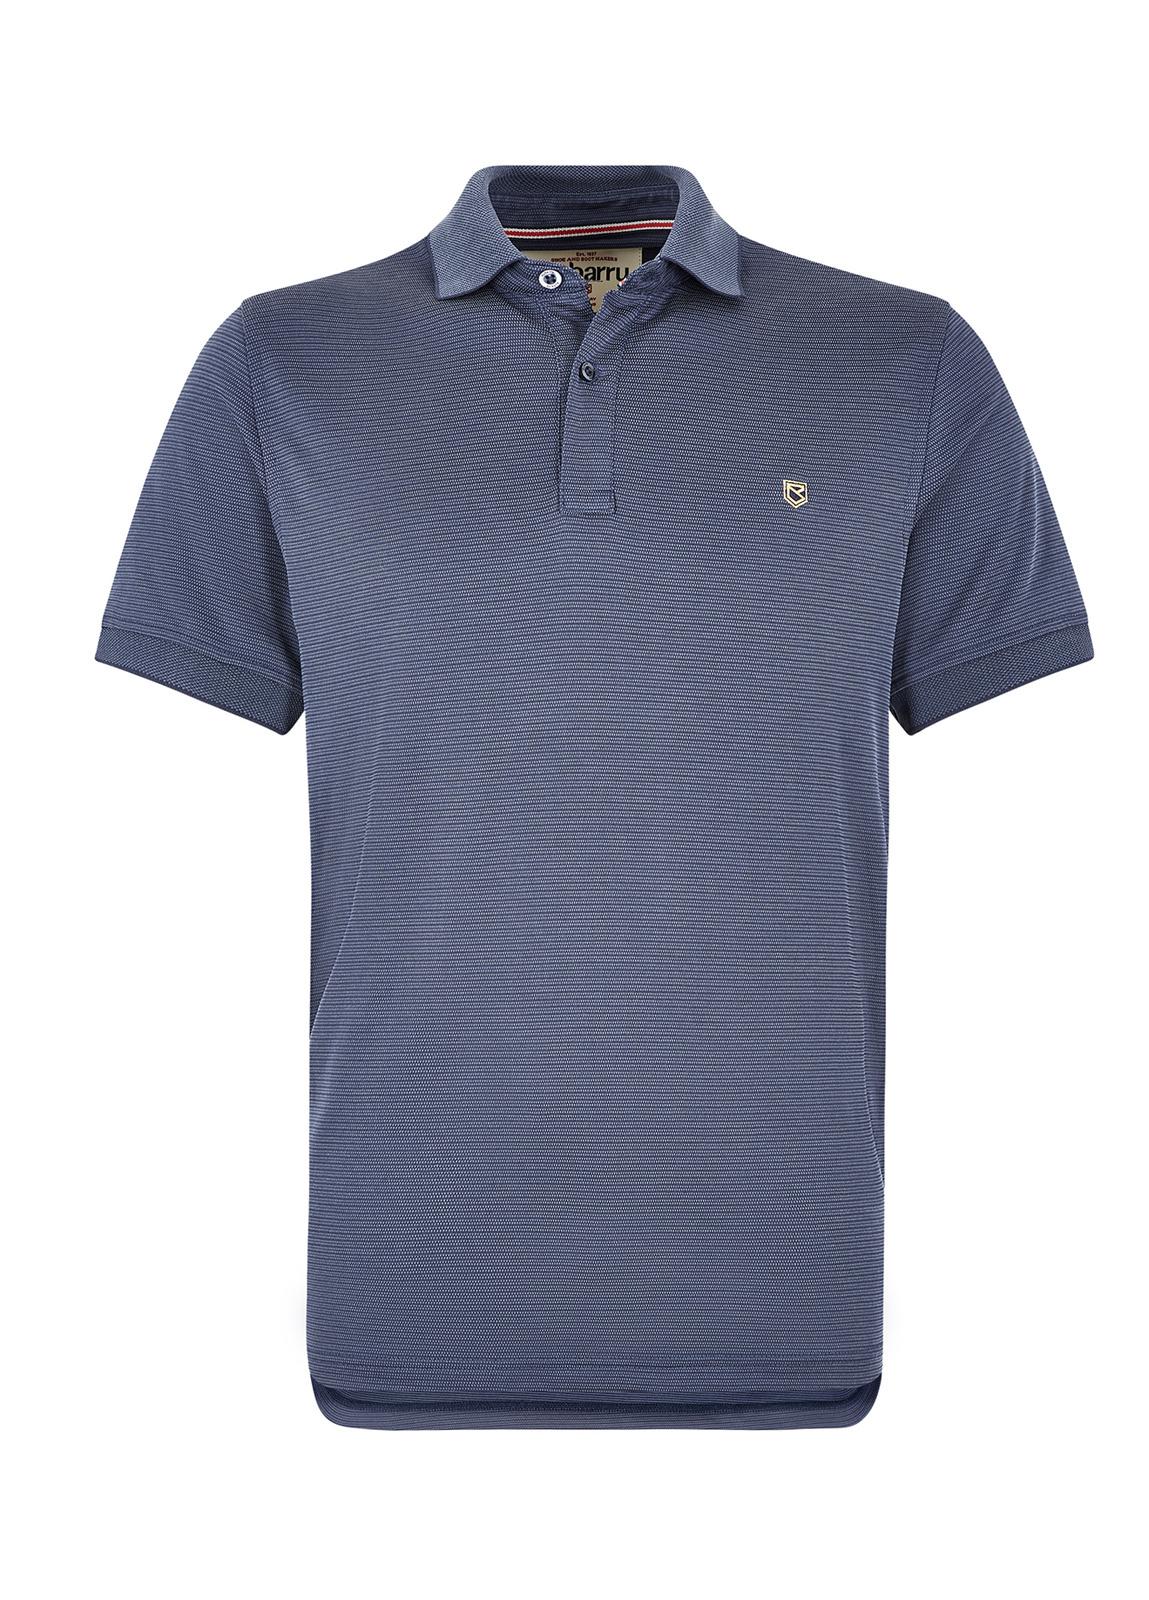 Crossmolina Polo Shirt - Navy